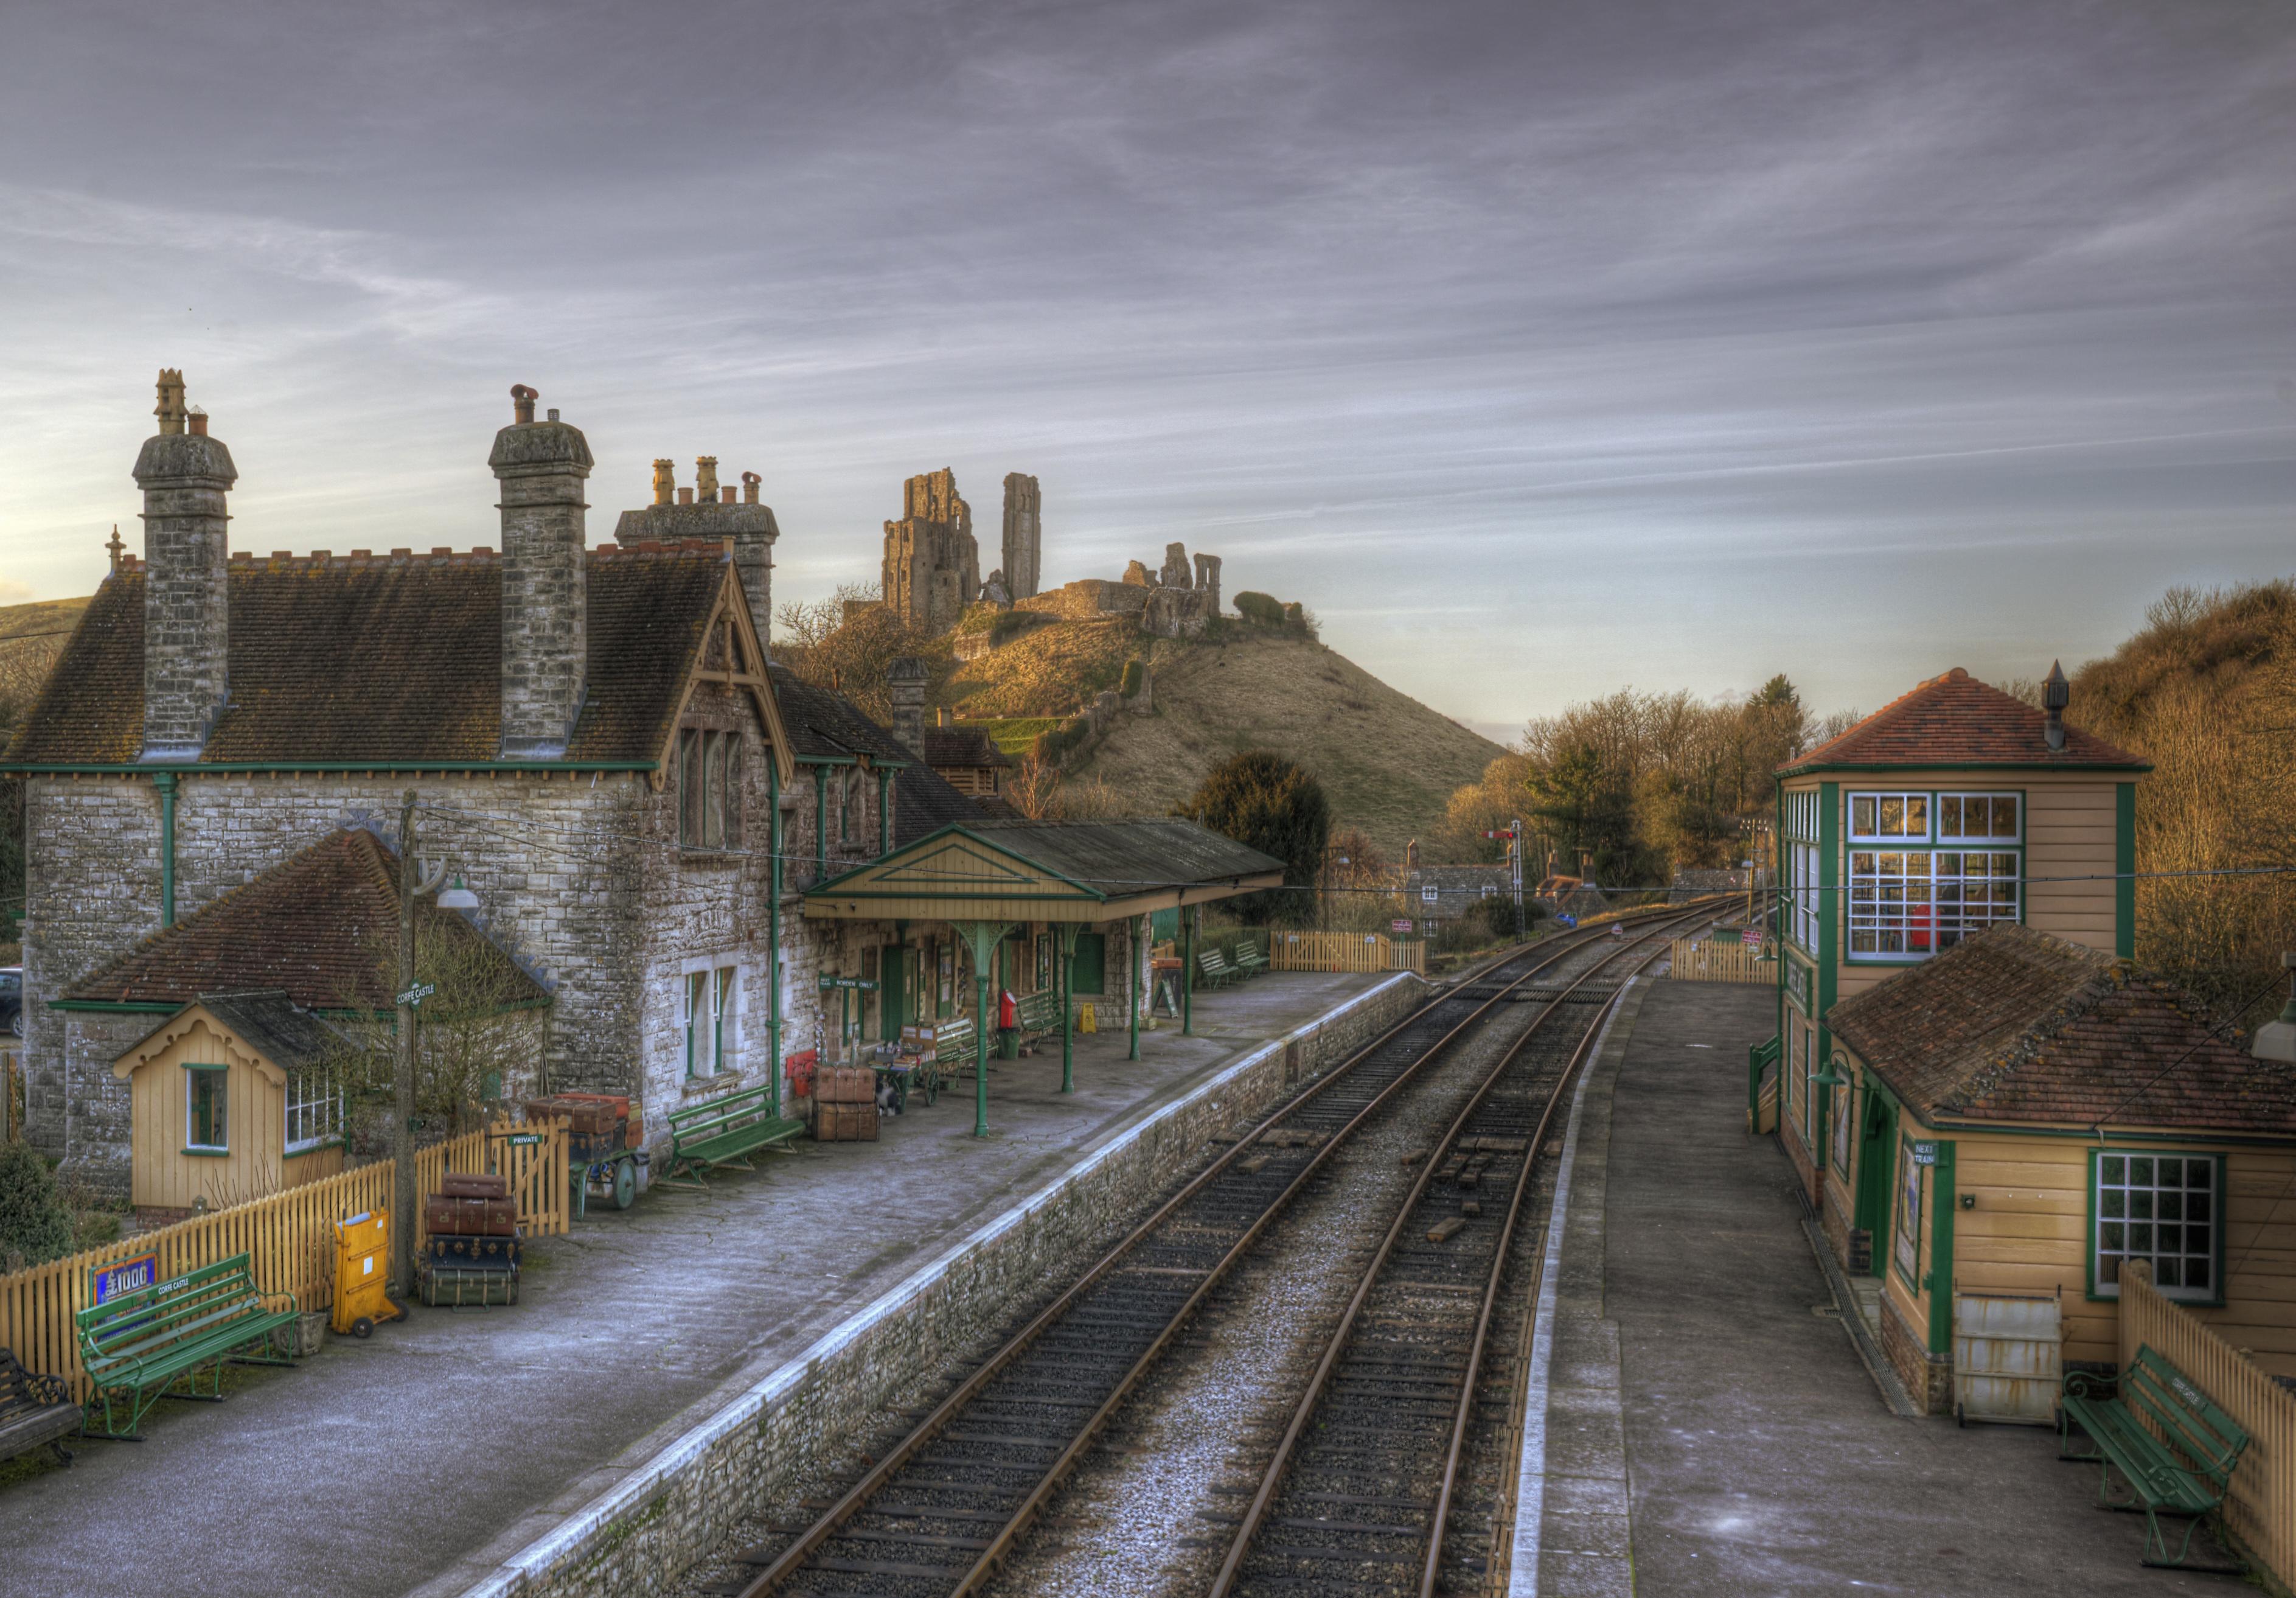 File:Corfe Castle Station (8486156931).jpg - Wikimedia Commons: commons.wikimedia.org/wiki/file:corfe_castle_station_(8486156931).jpg